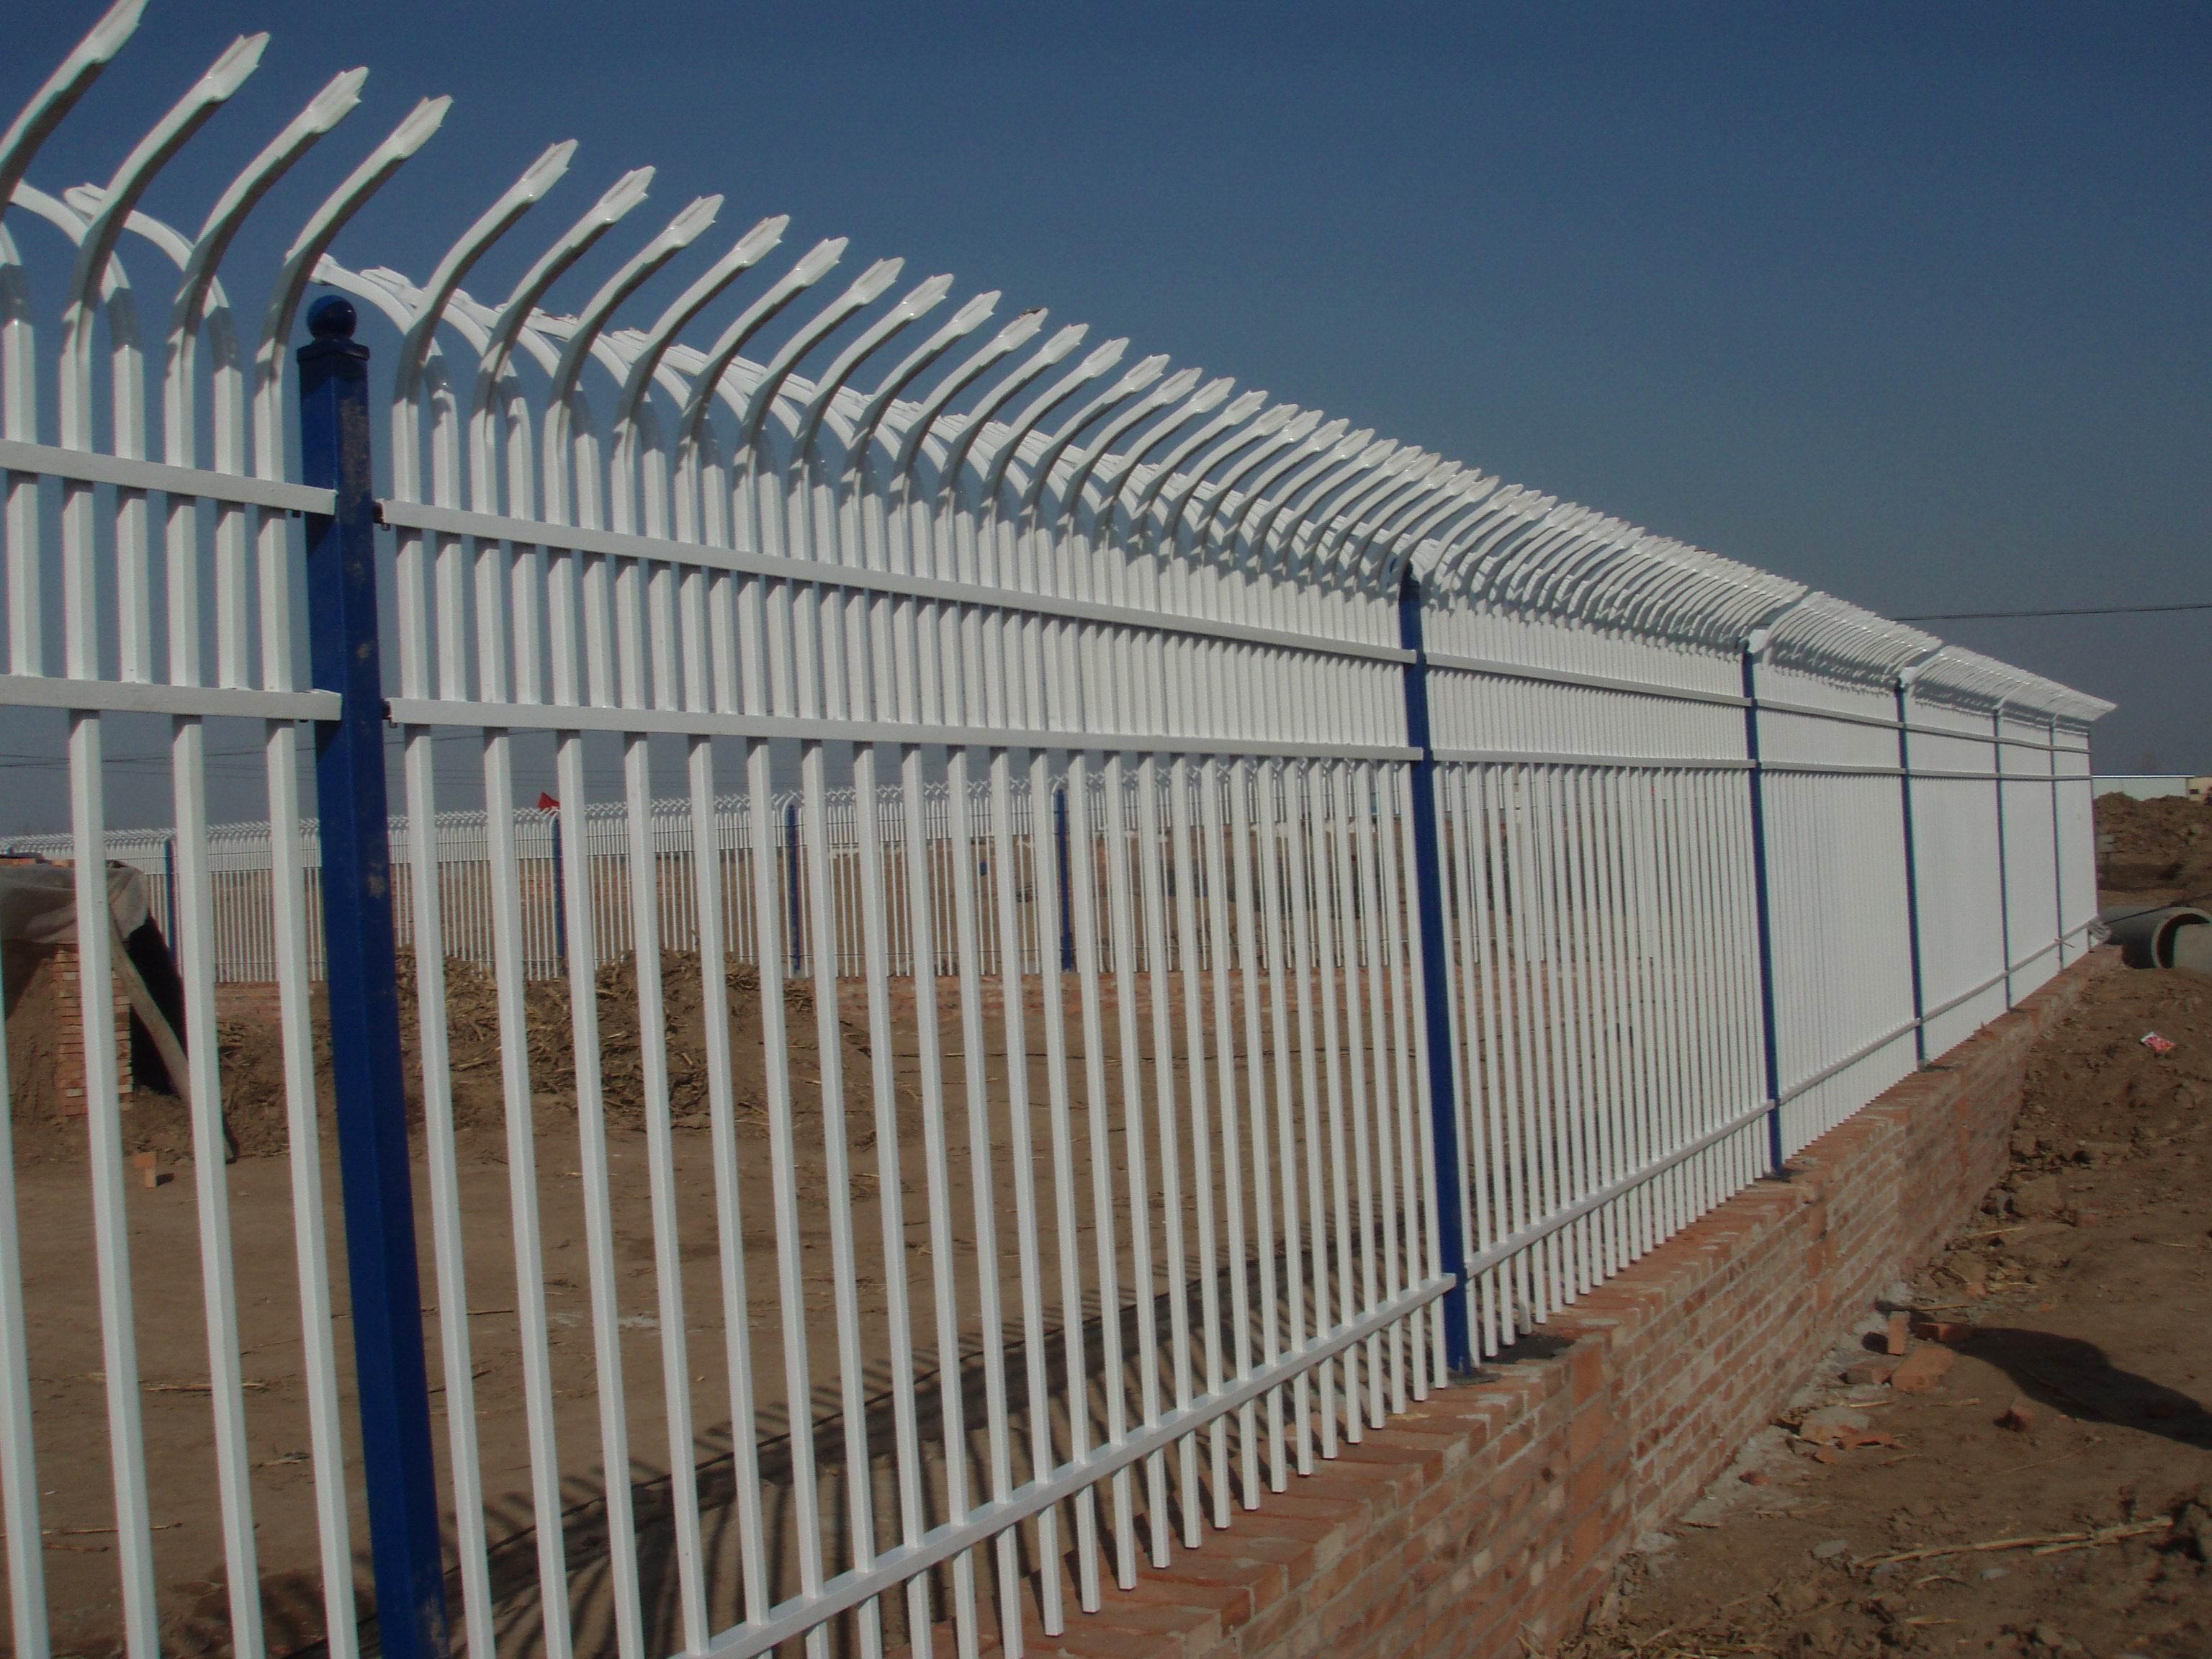 锌钢护栏厂锌钢护栏价格锌钢护栏合金护栏铁艺护栏围栏